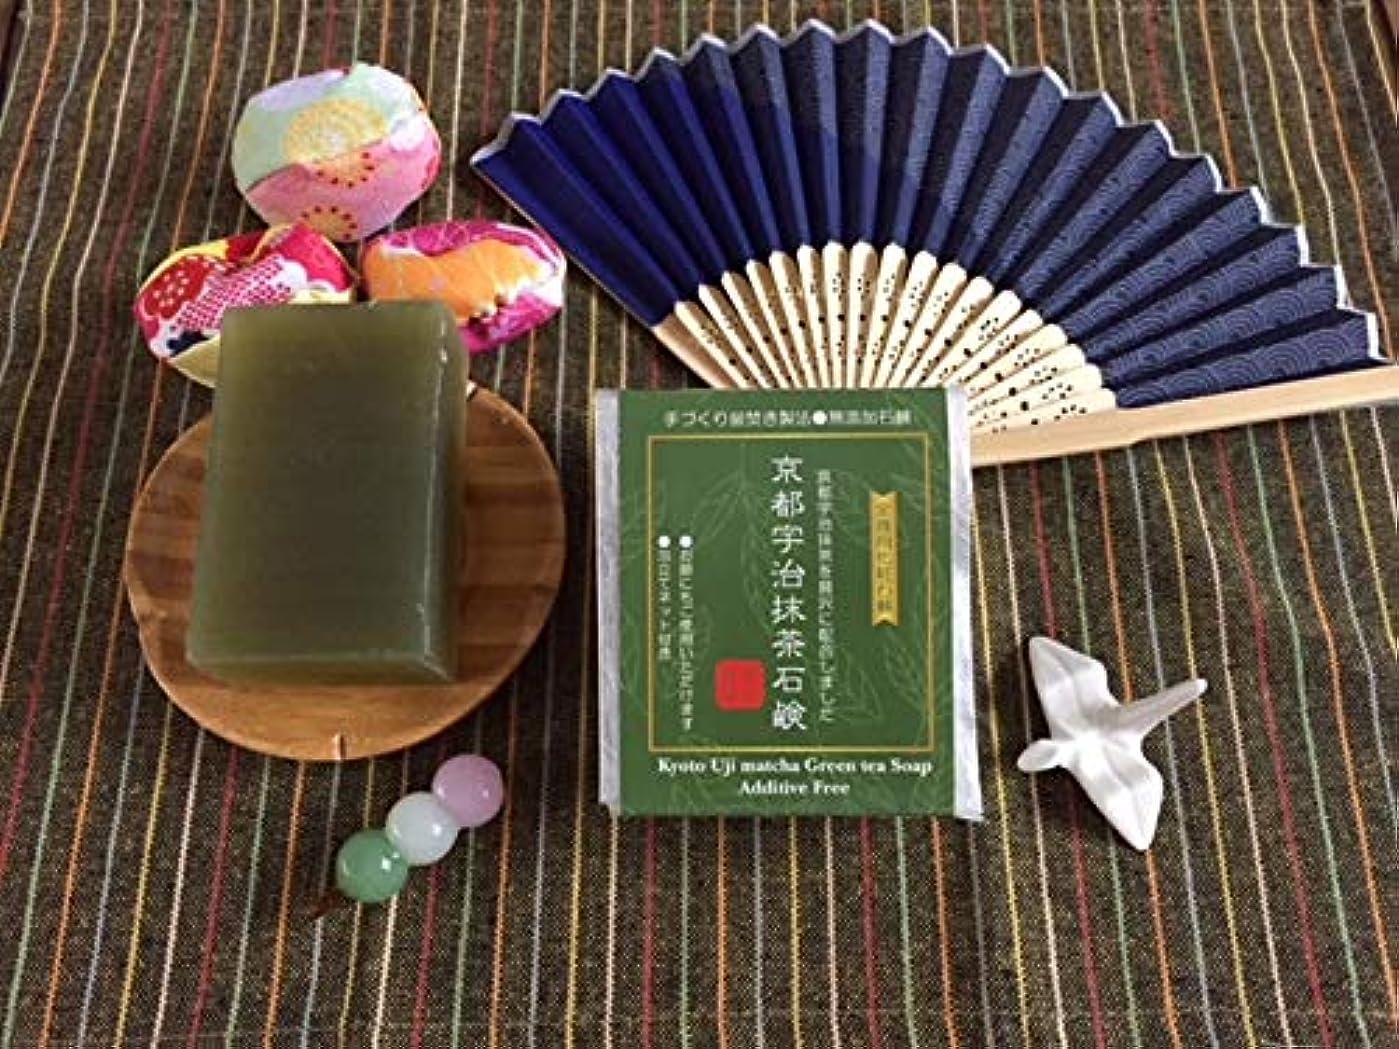 スクラップで出来ている前京都宇治抹茶石鹸 手作り釜焚き製法 無添加石鹸